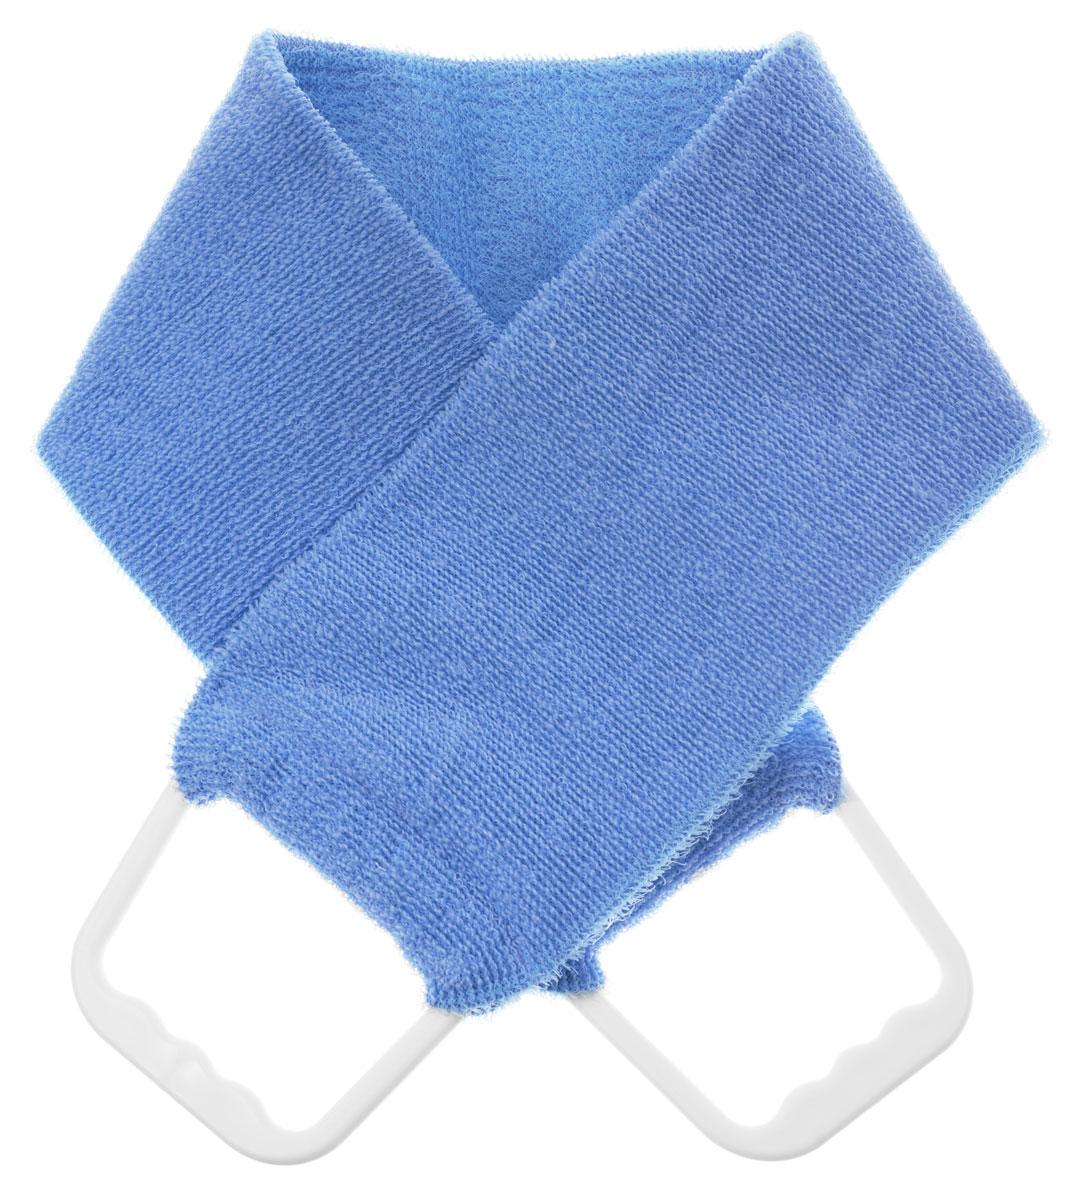 Riffi Мочалка-пояс, двухсторонняя, цвет: голубой. 727 riffi повязка для волос цвет коралловый